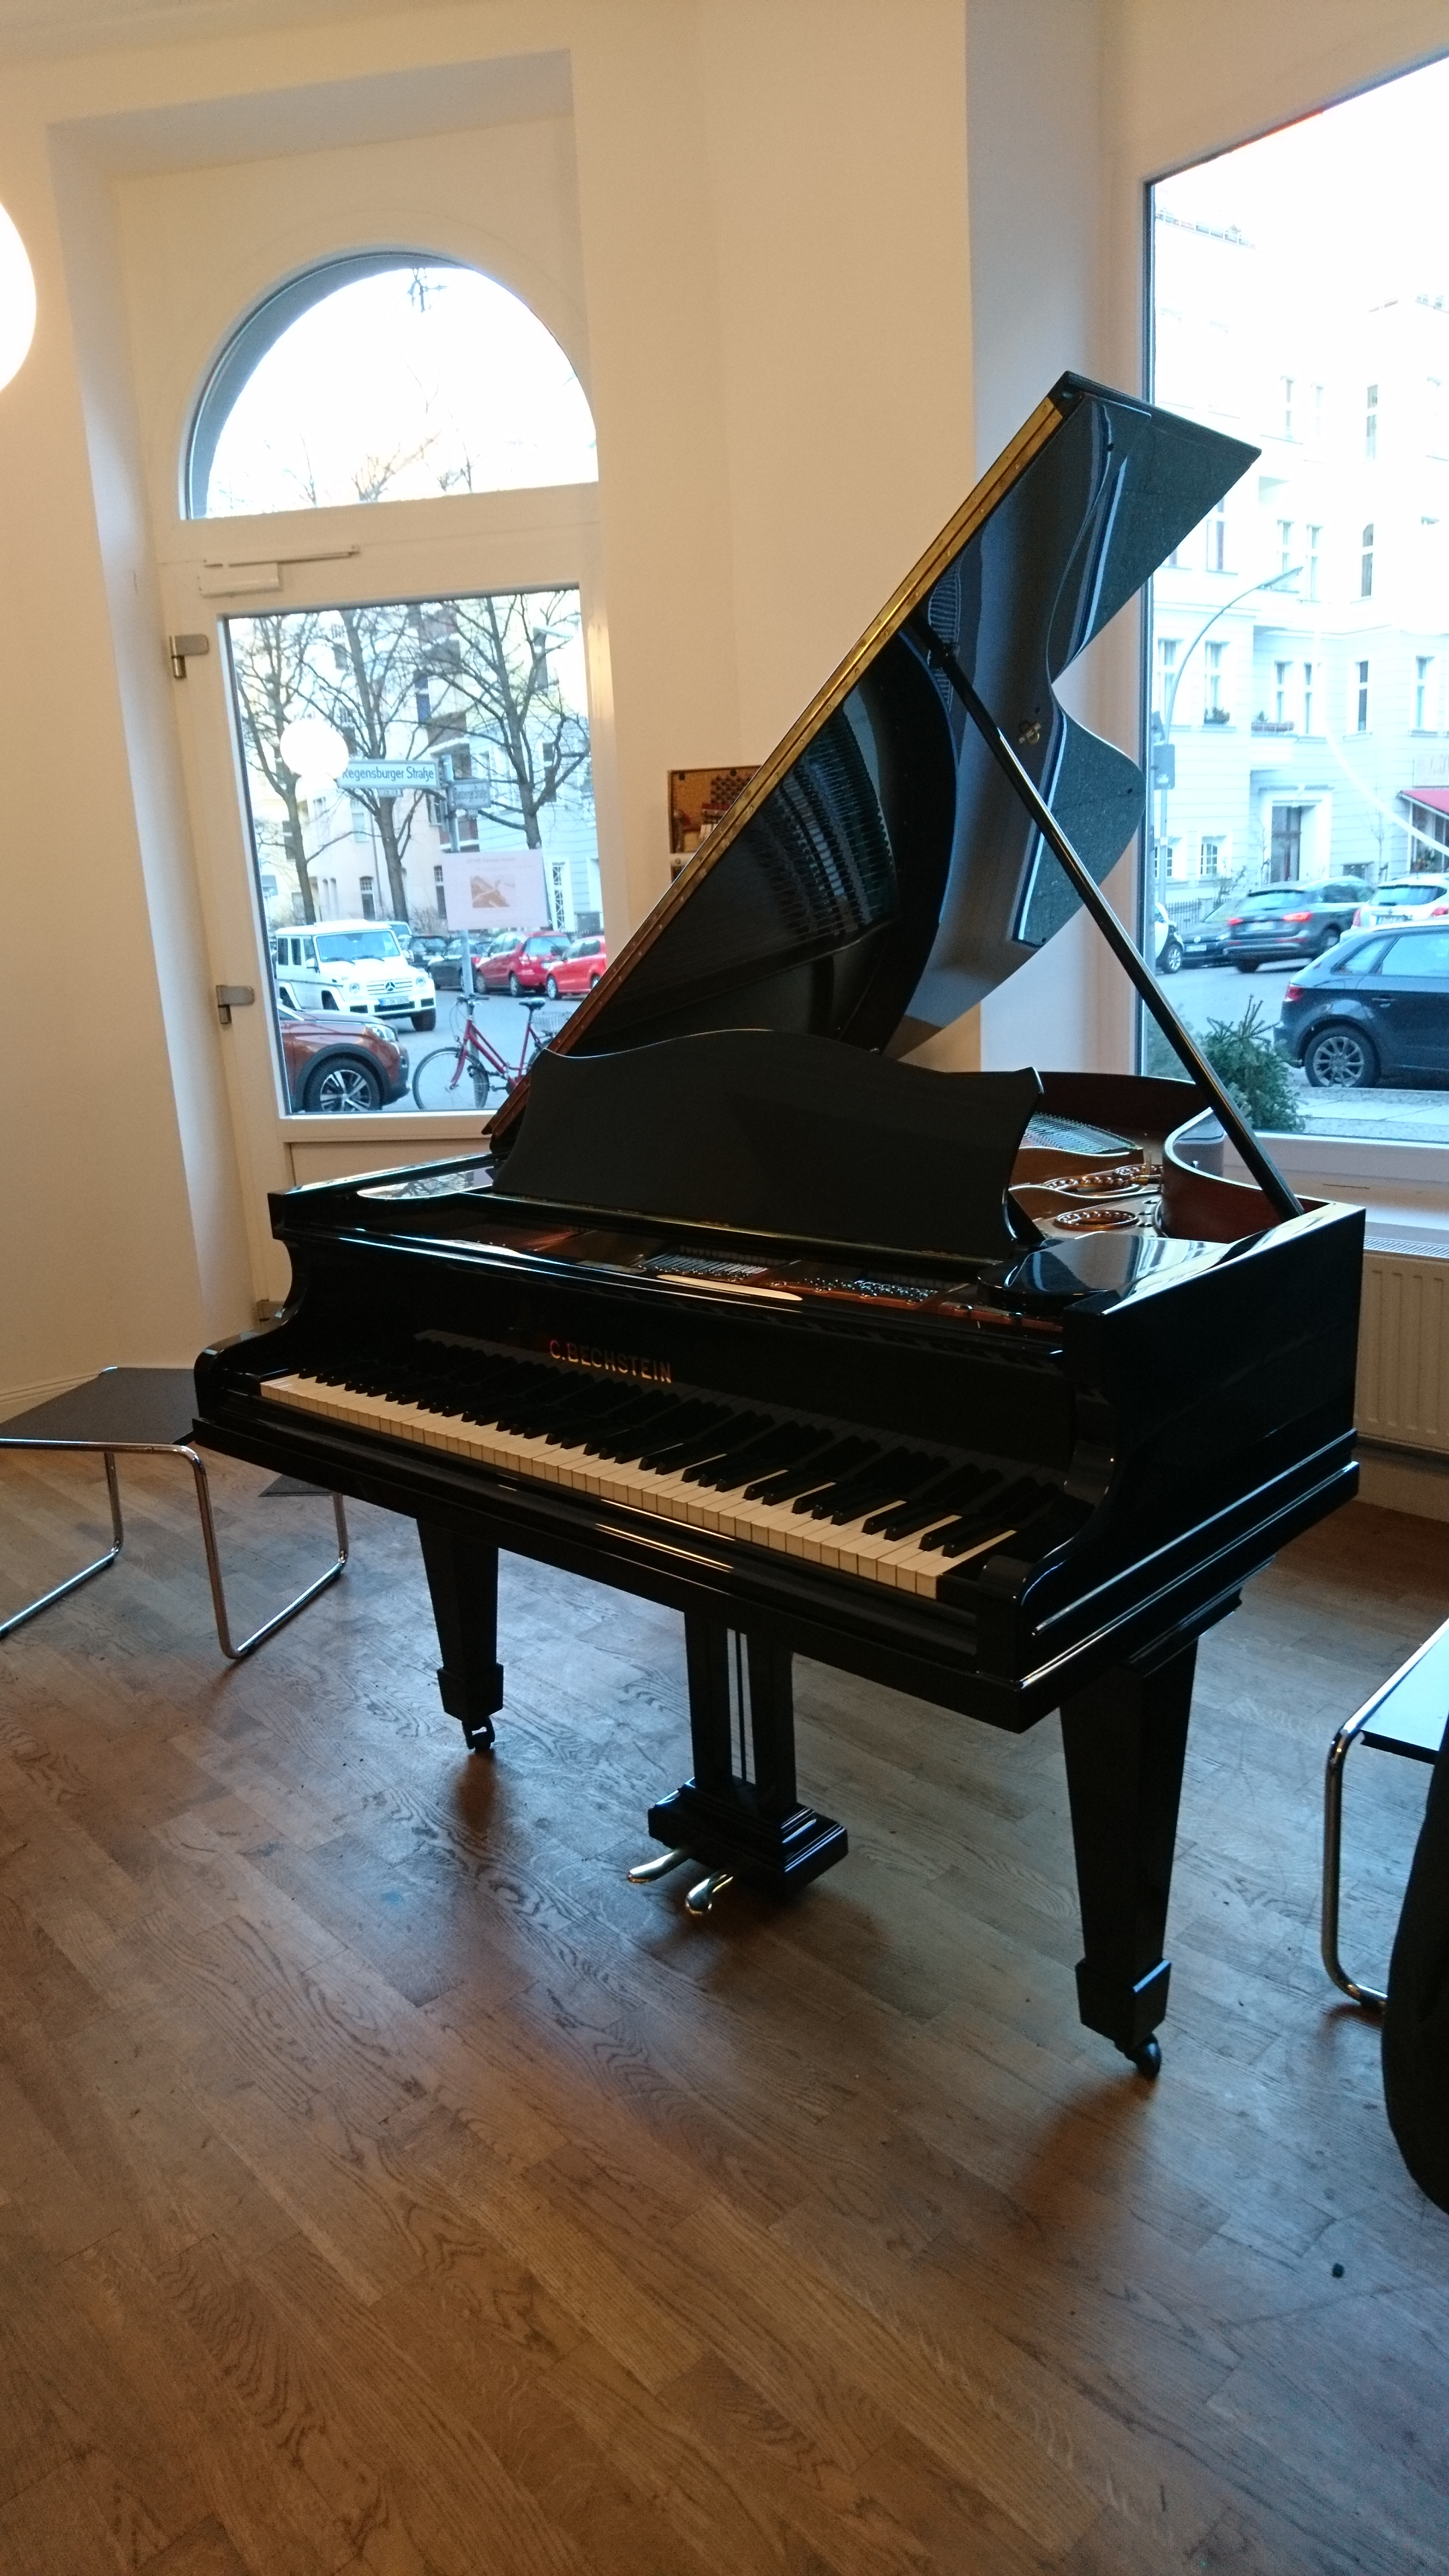 gebrauchte klaviere und fl gel in berlin kaufen classic pianos berlin 030 3453231. Black Bedroom Furniture Sets. Home Design Ideas